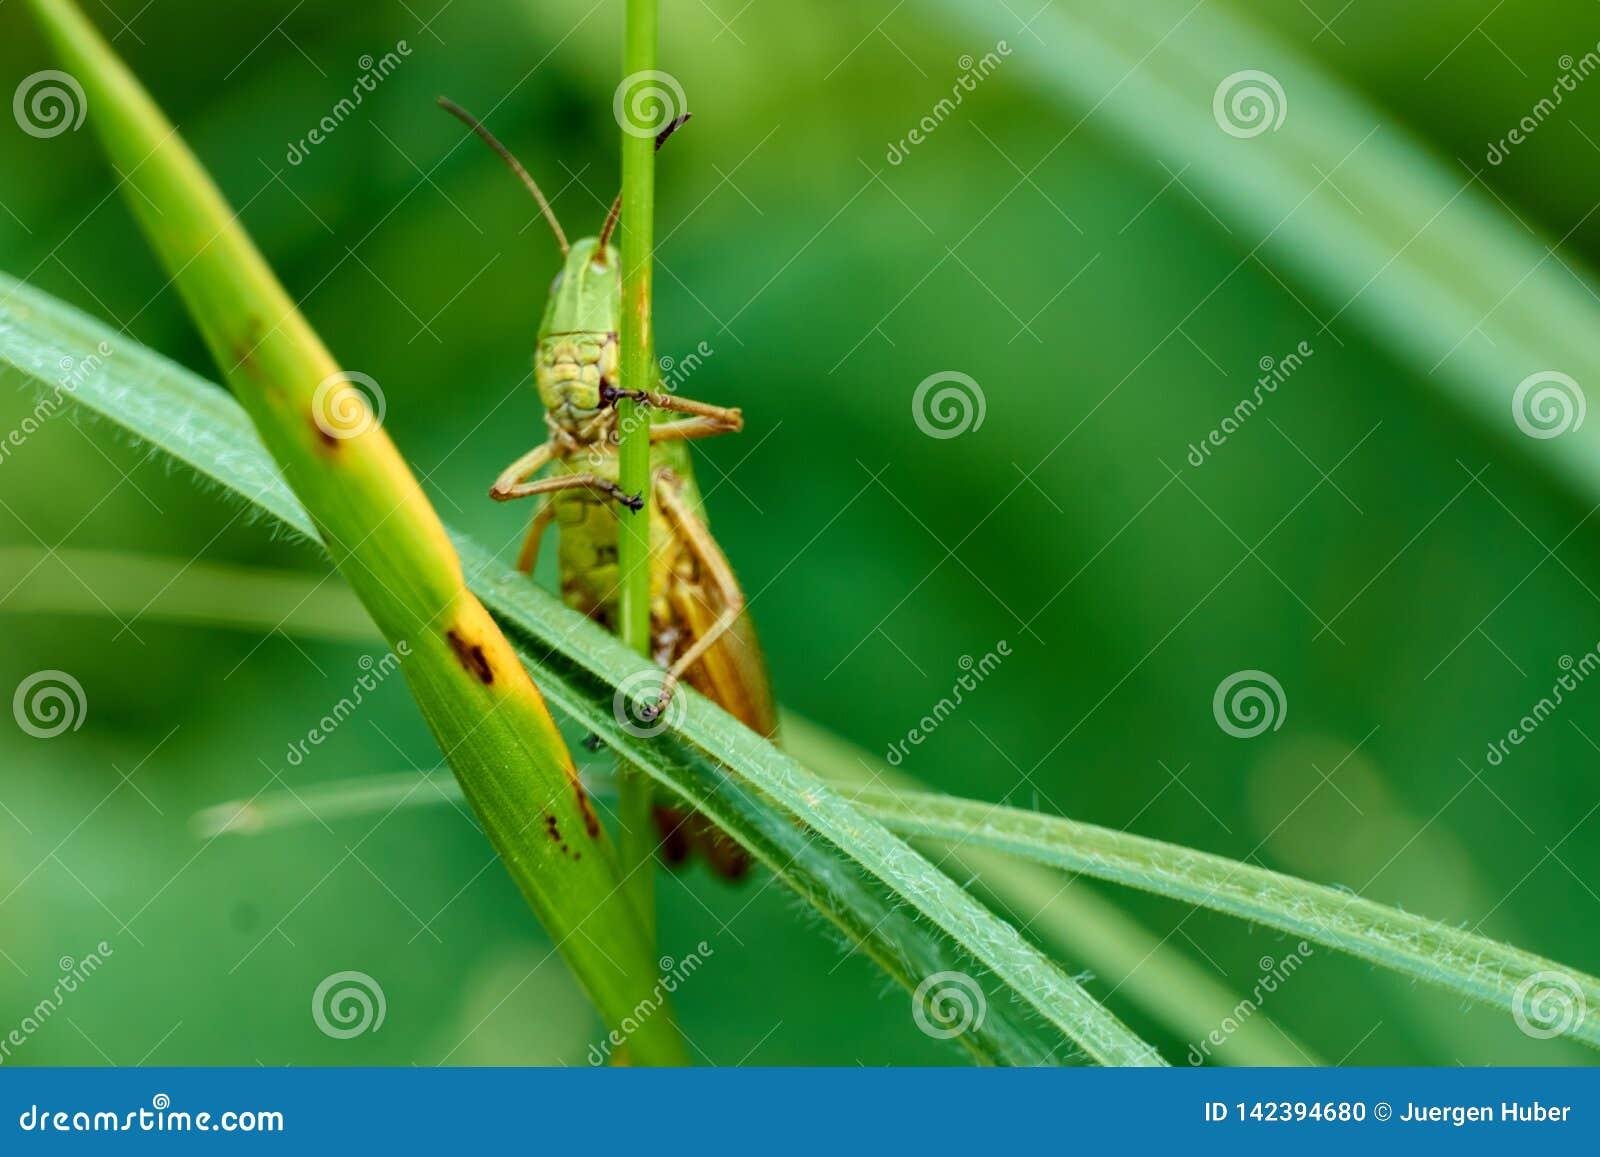 Macrofotografie van Sprinkhaan op blad op het gebied, Sprinkhaan een installatie-etend insect met lange achterste benen die voor